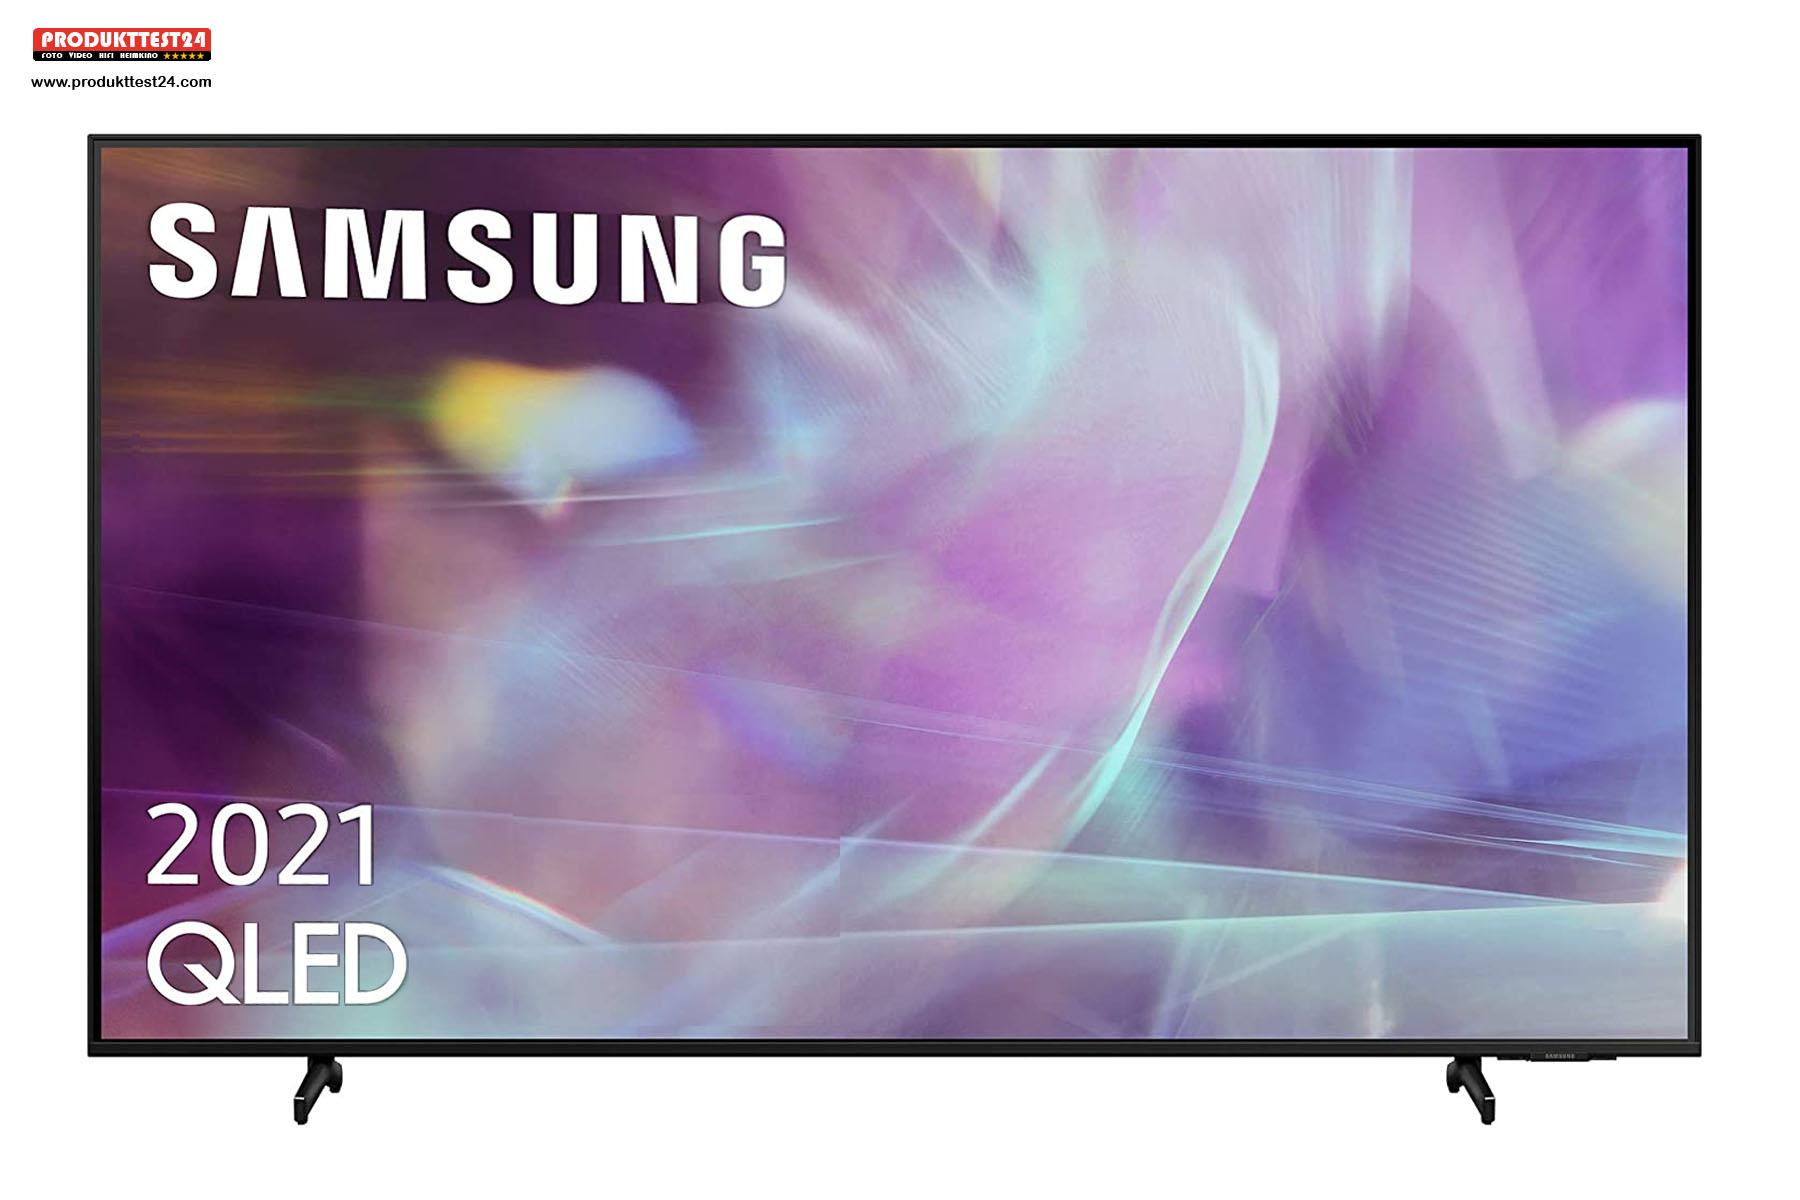 Samsung GQ65Q60A QLED 4K-Fernseher mit Dual LED Technik